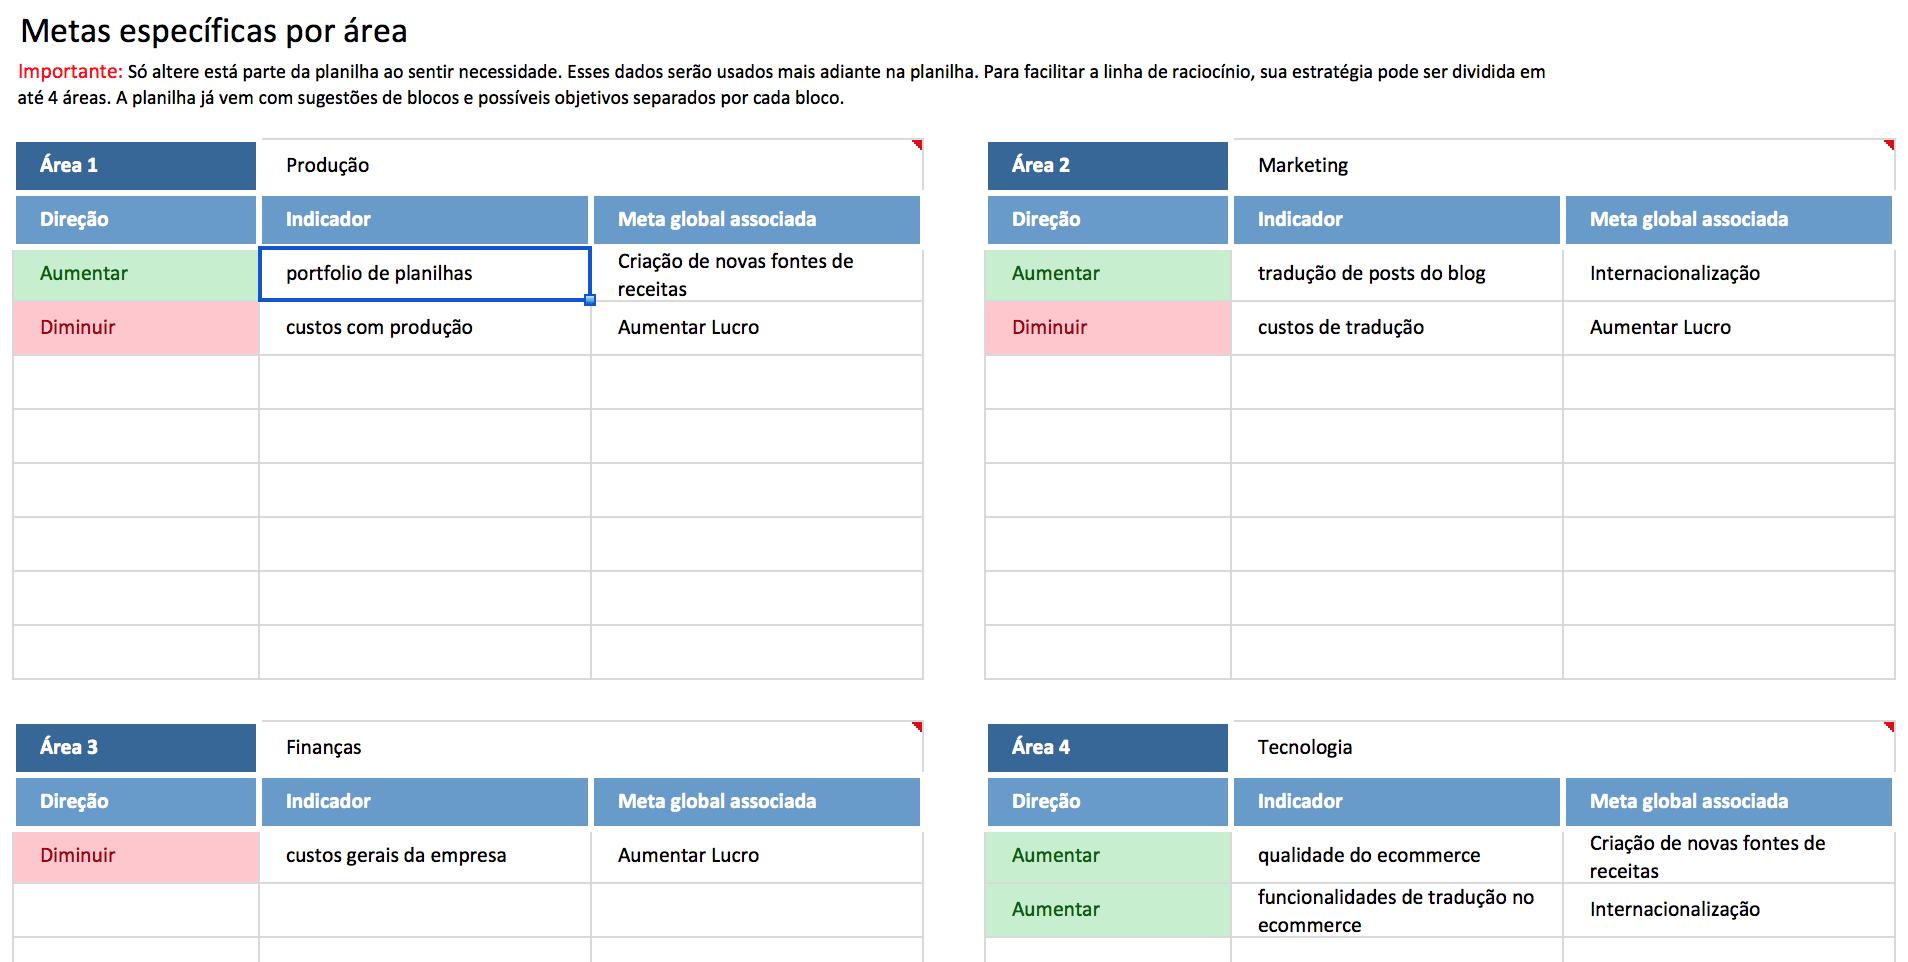 Planejamento Estratégico - Metas Específicas